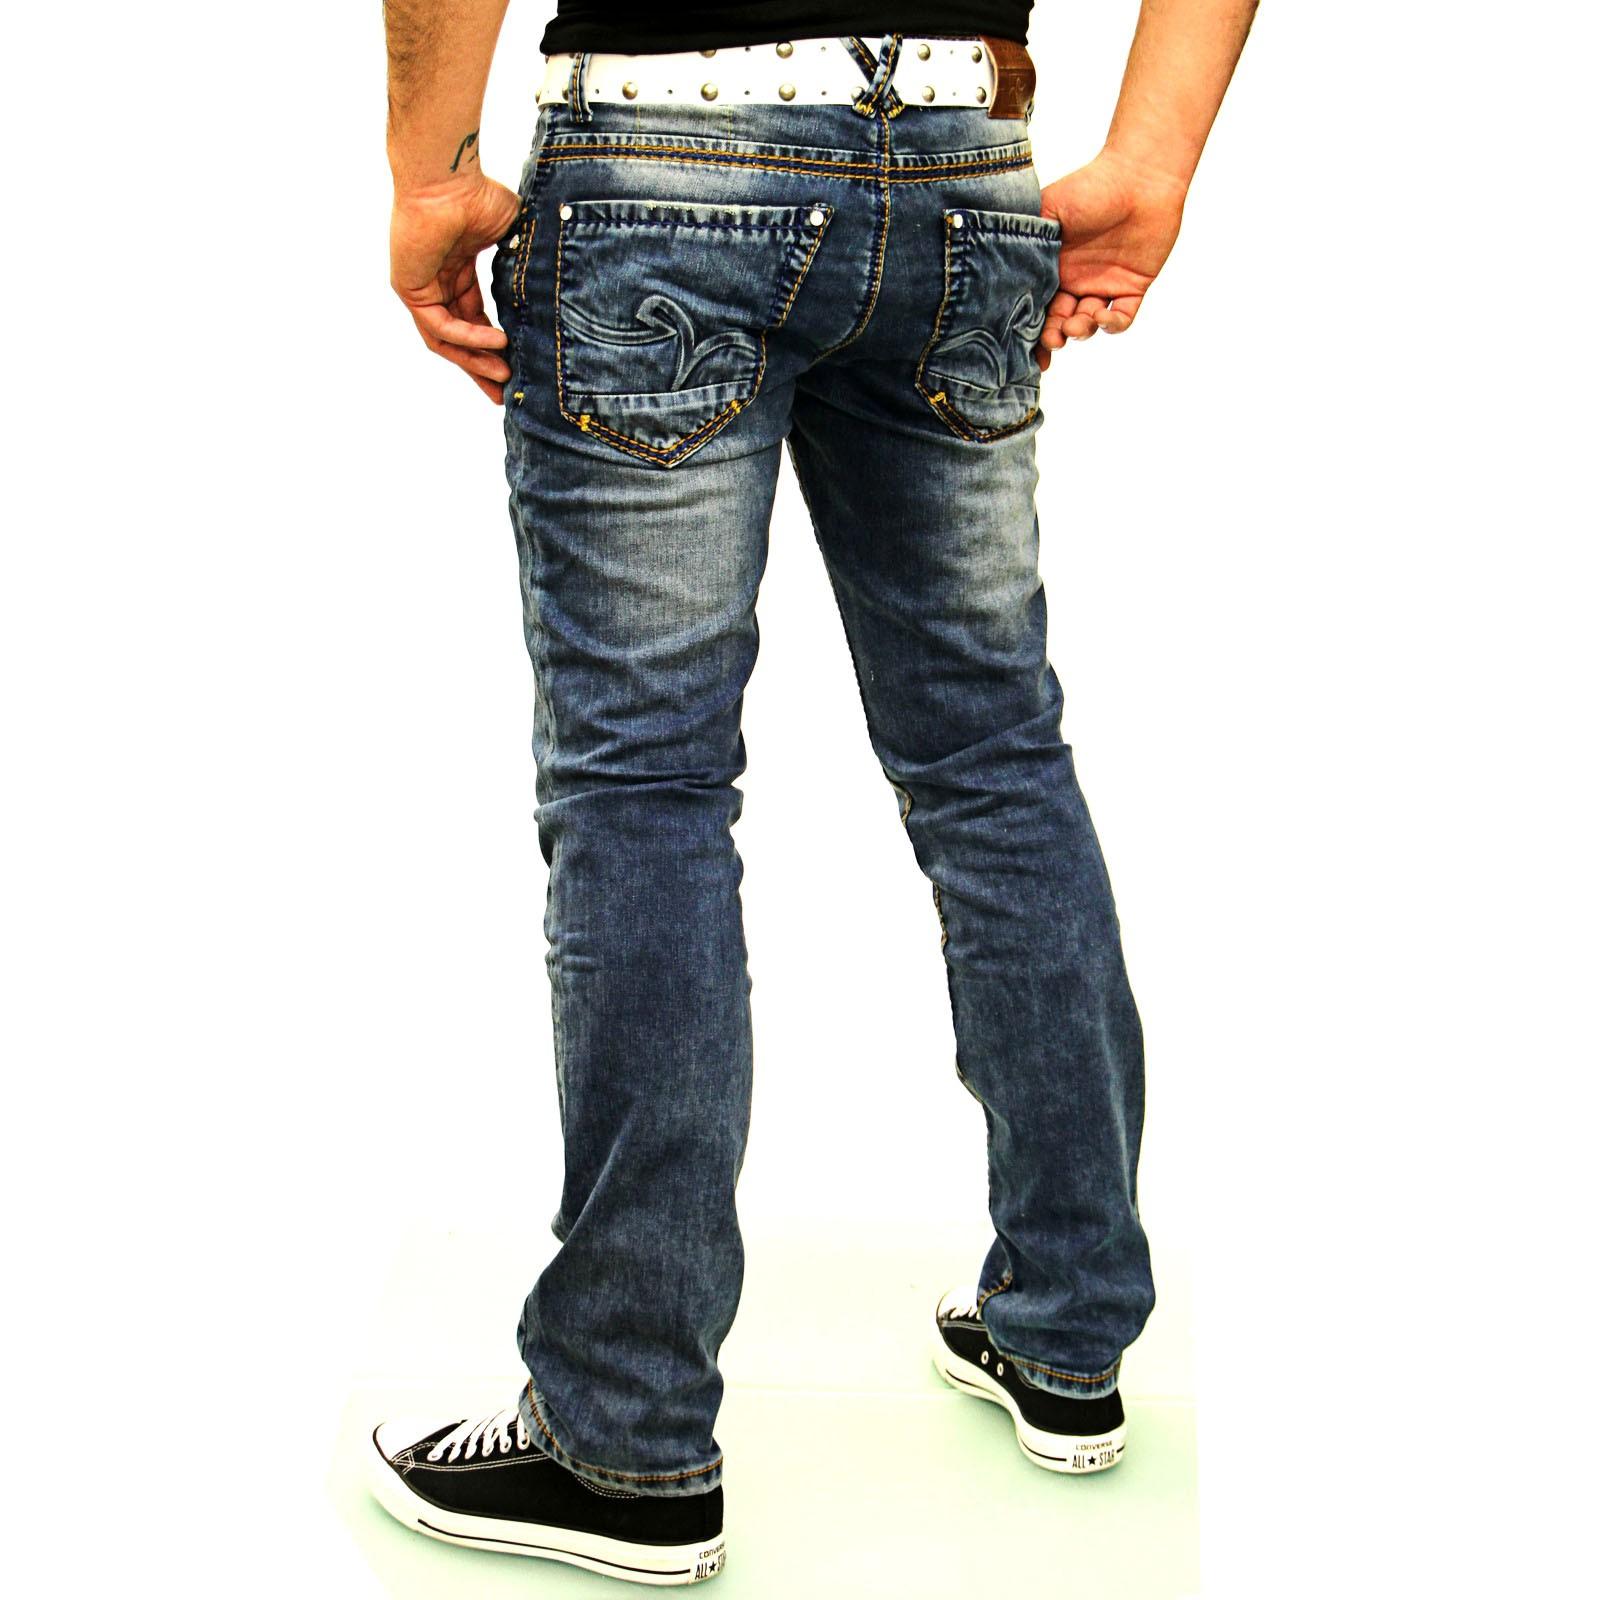 Herren Jeans Hose Vintage Used Look Dicke Naht Orange A17615